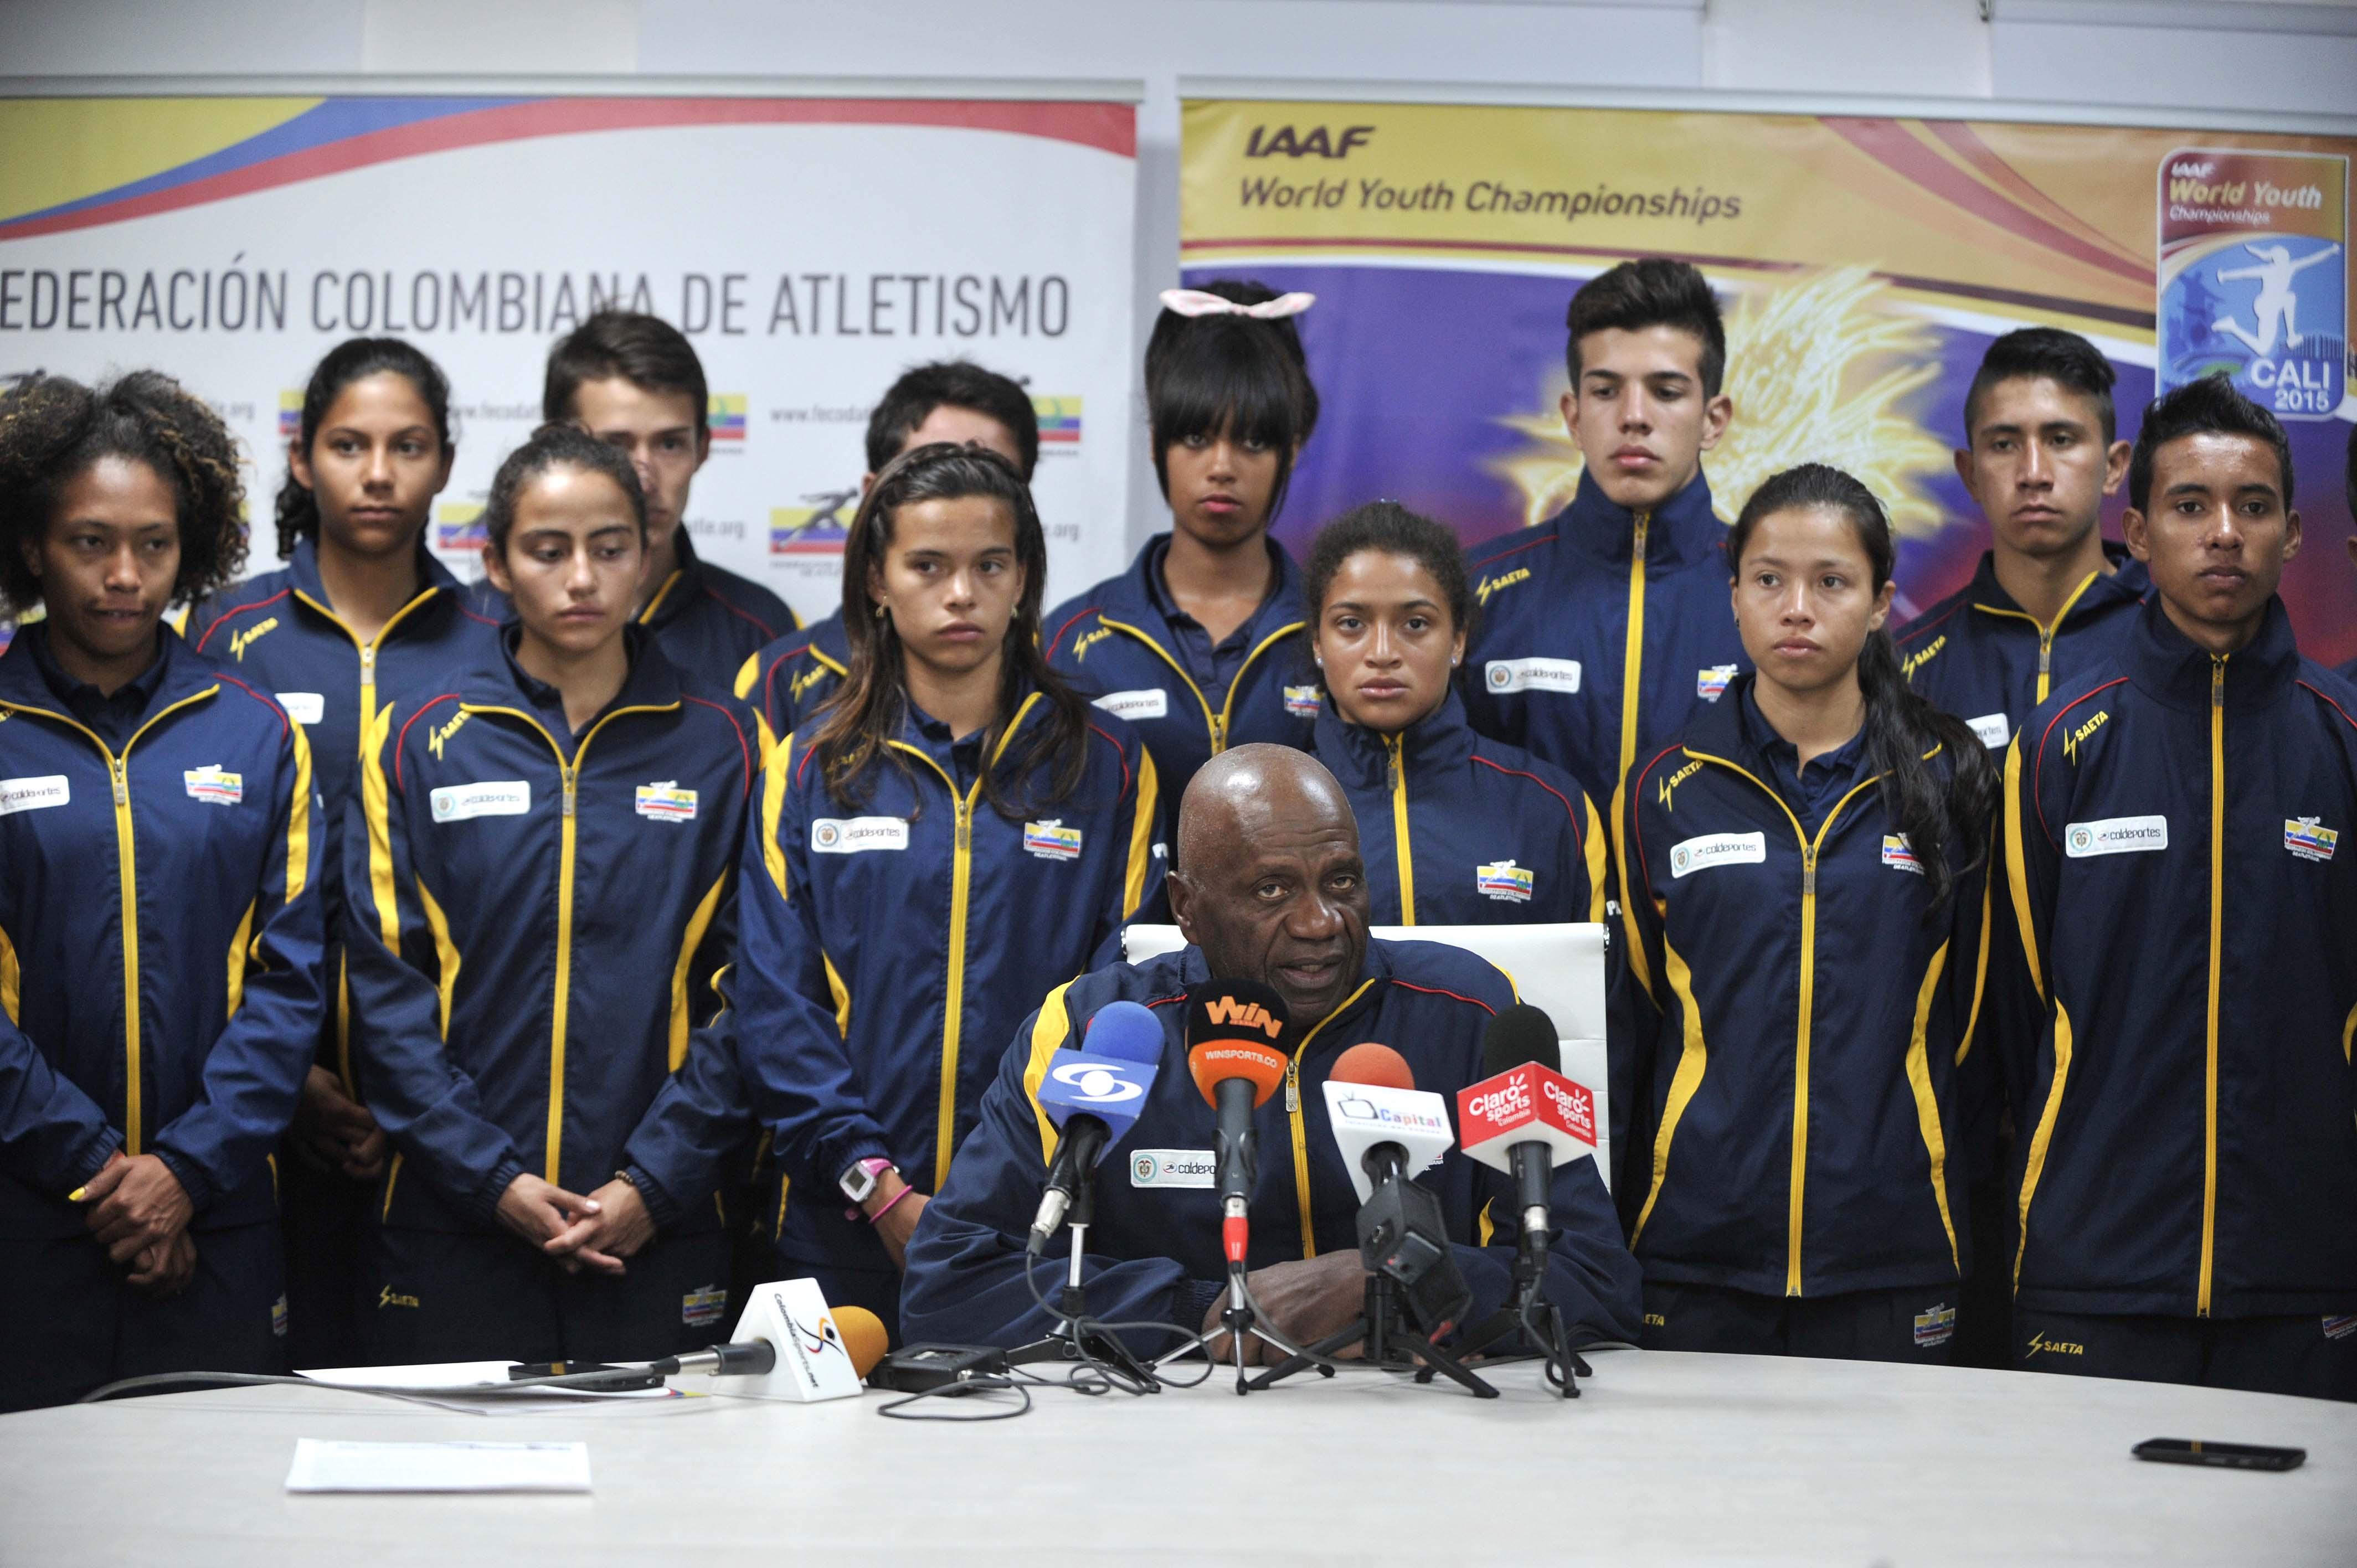 Foto 03 Seleccion Colombia Menores Atletismo y Valentin Gamboa